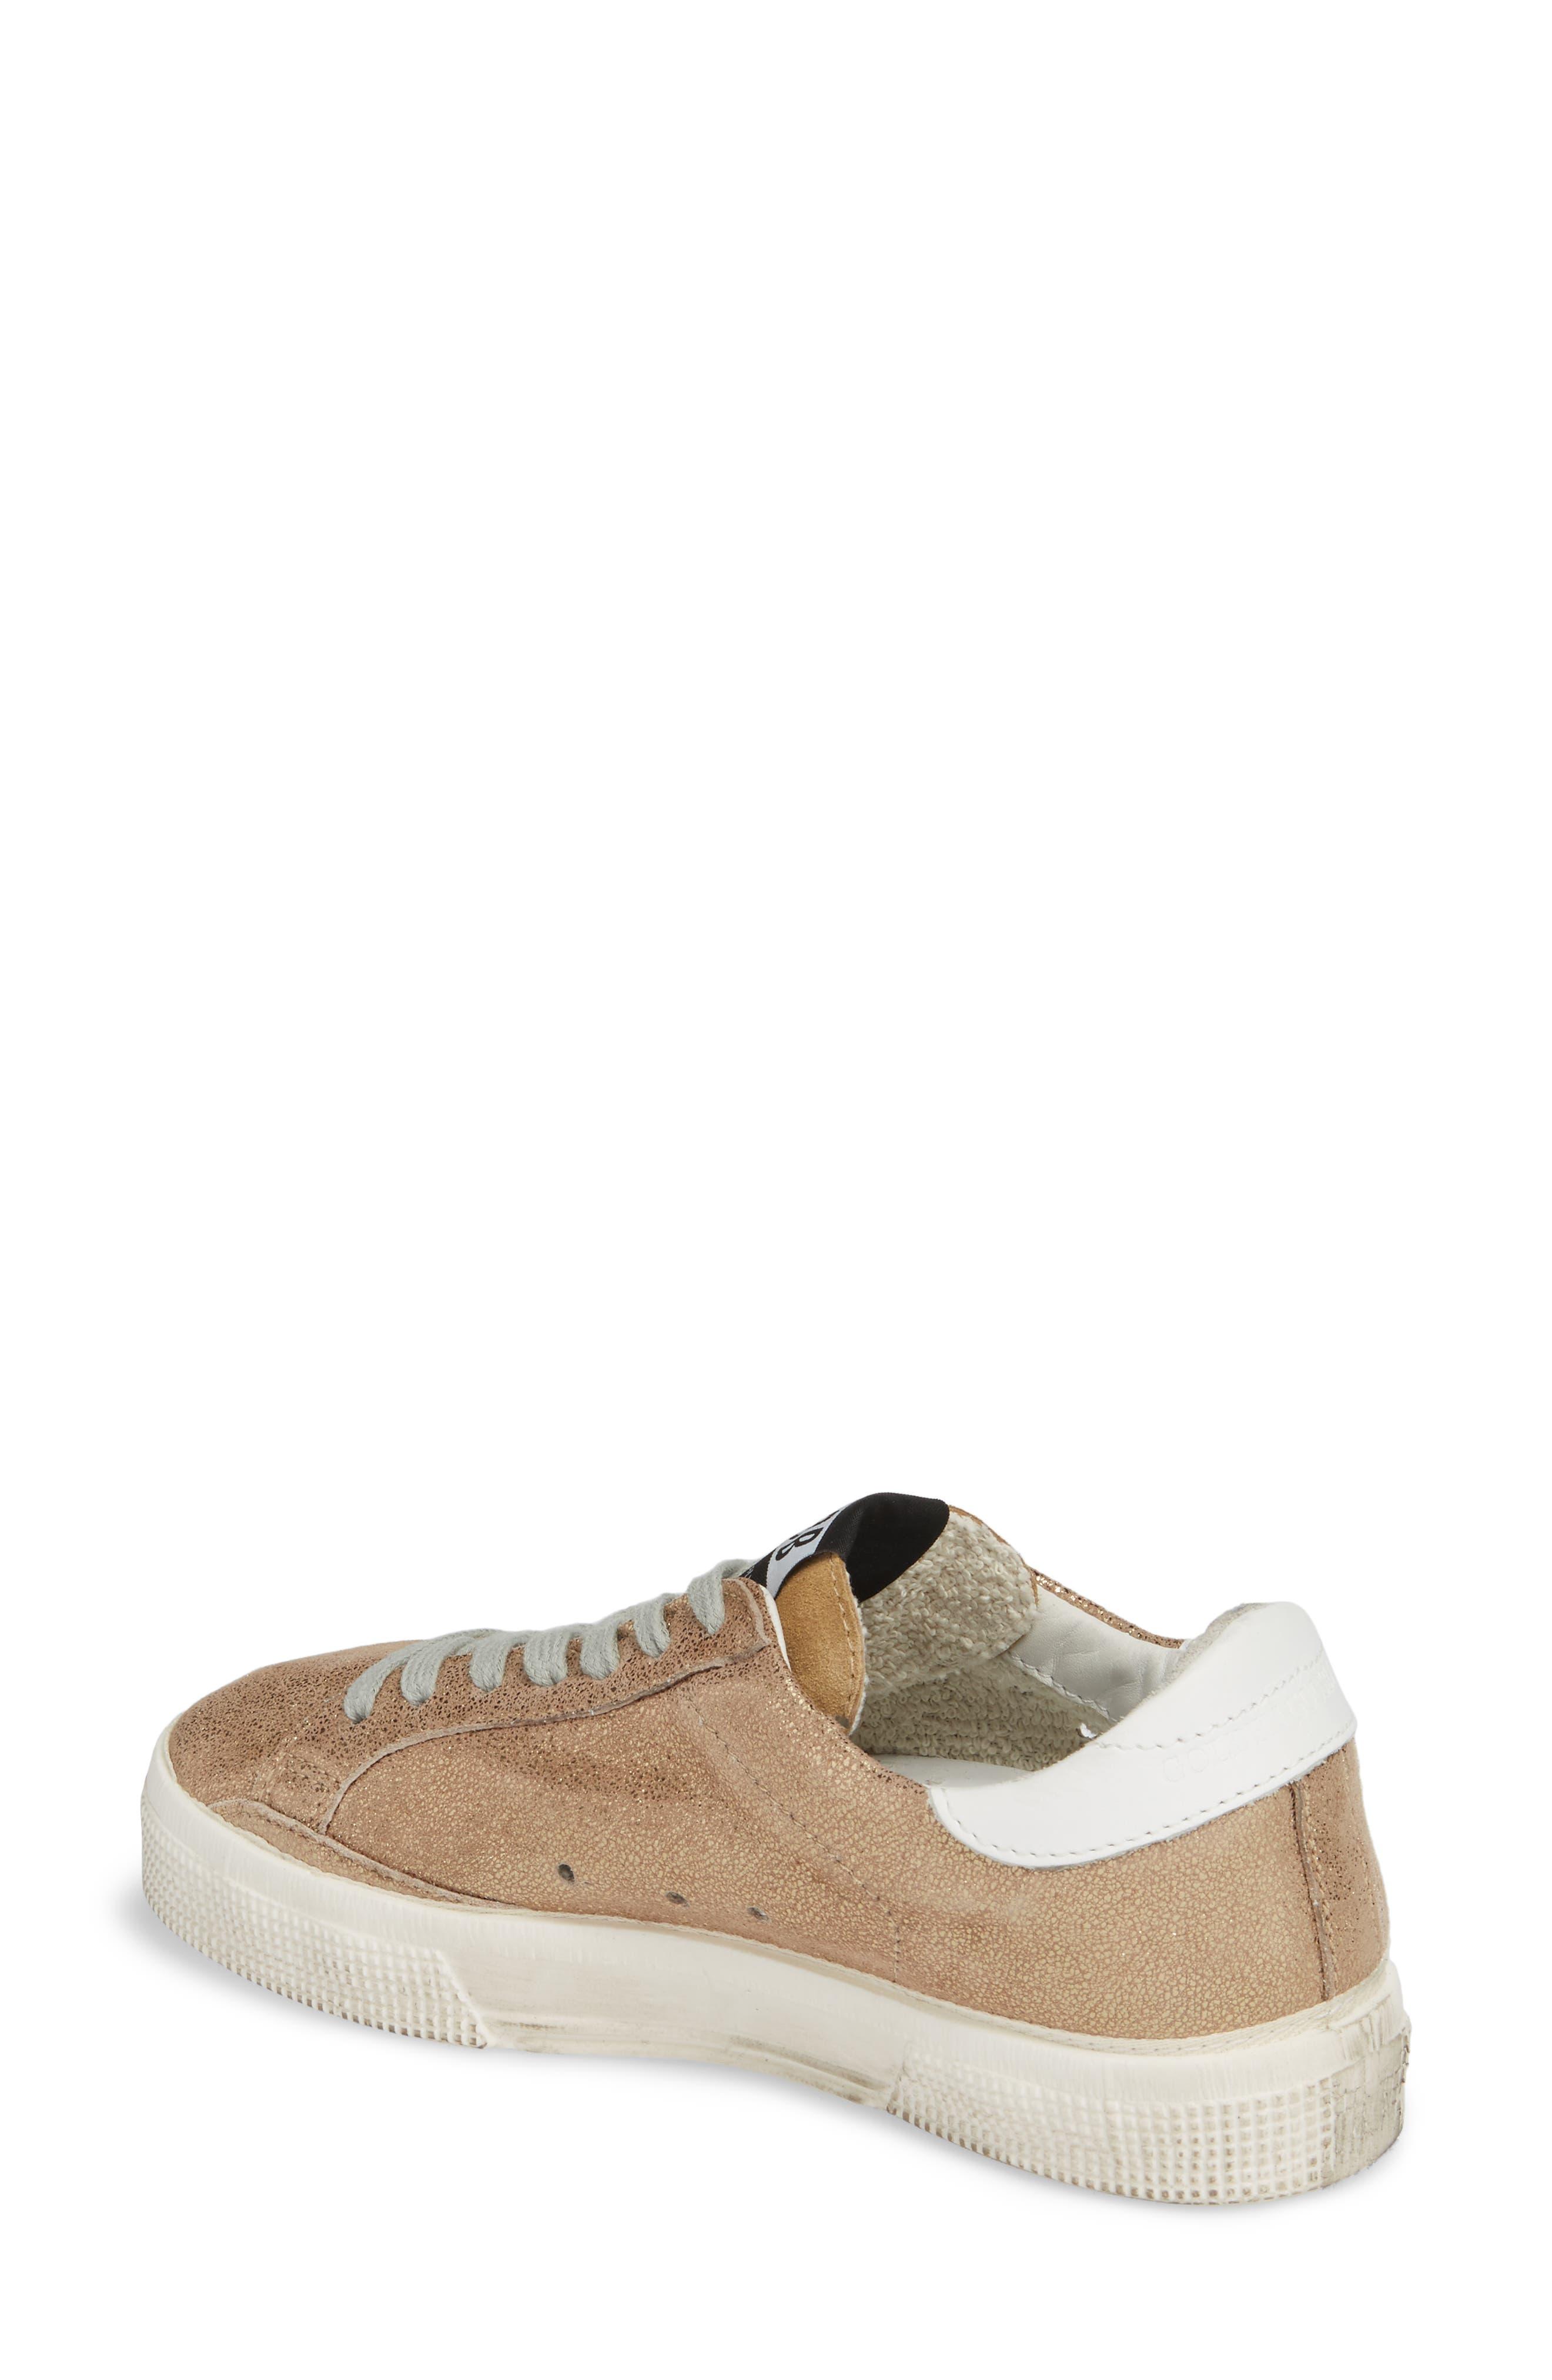 May Metallic Low Top Sneaker,                             Alternate thumbnail 2, color,                             710